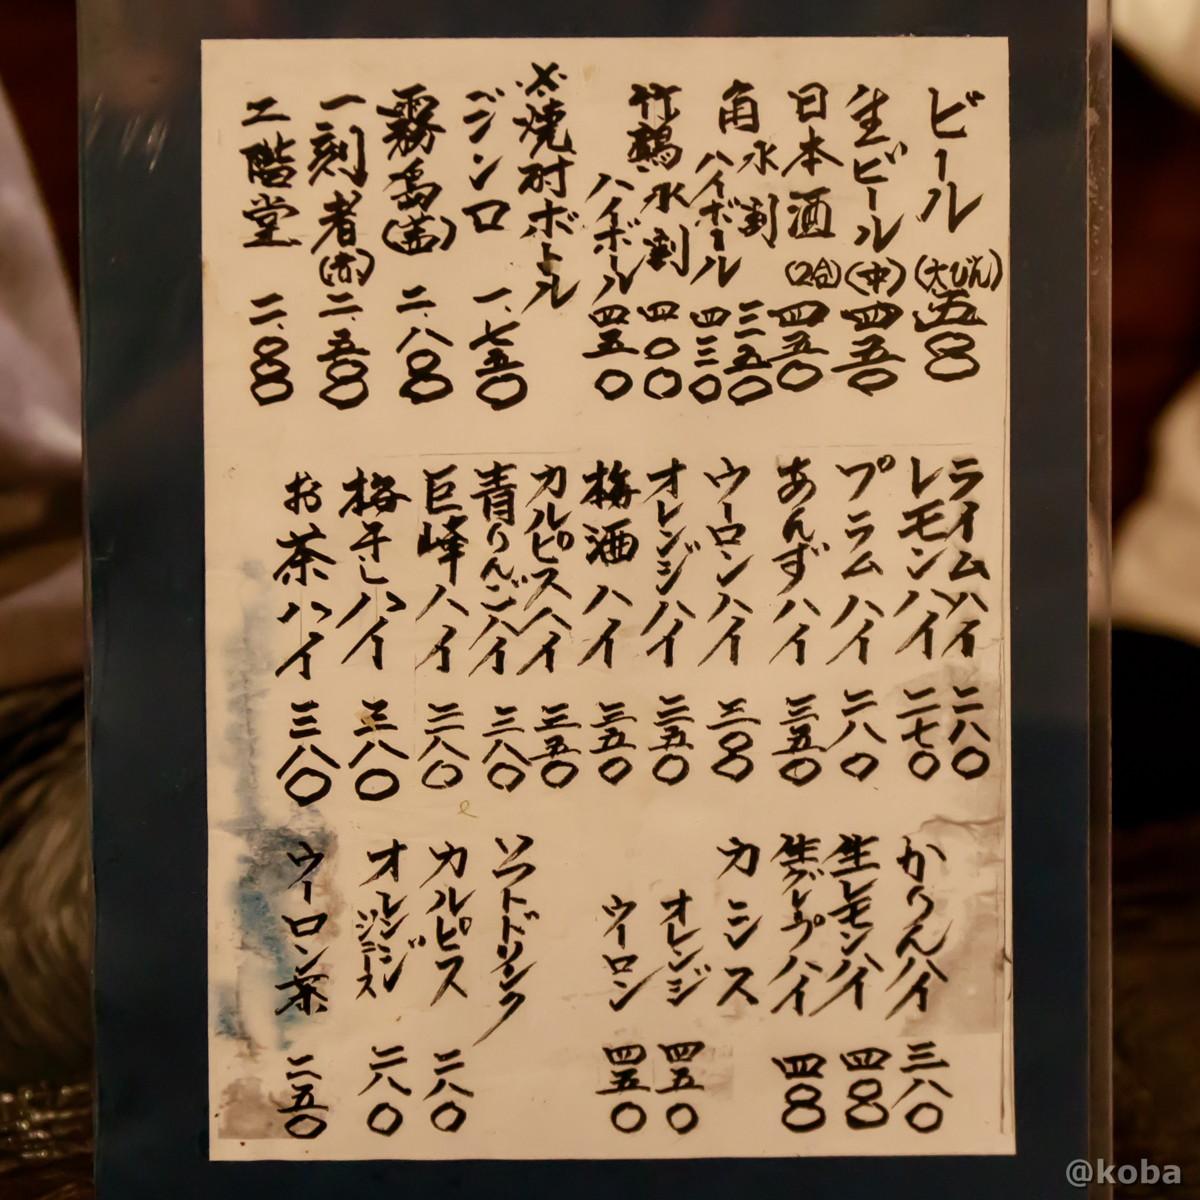 メニューの写真 酒蔵 庵(いおり)昭和 居酒屋 東京都葛飾区・新小岩 こばブログ